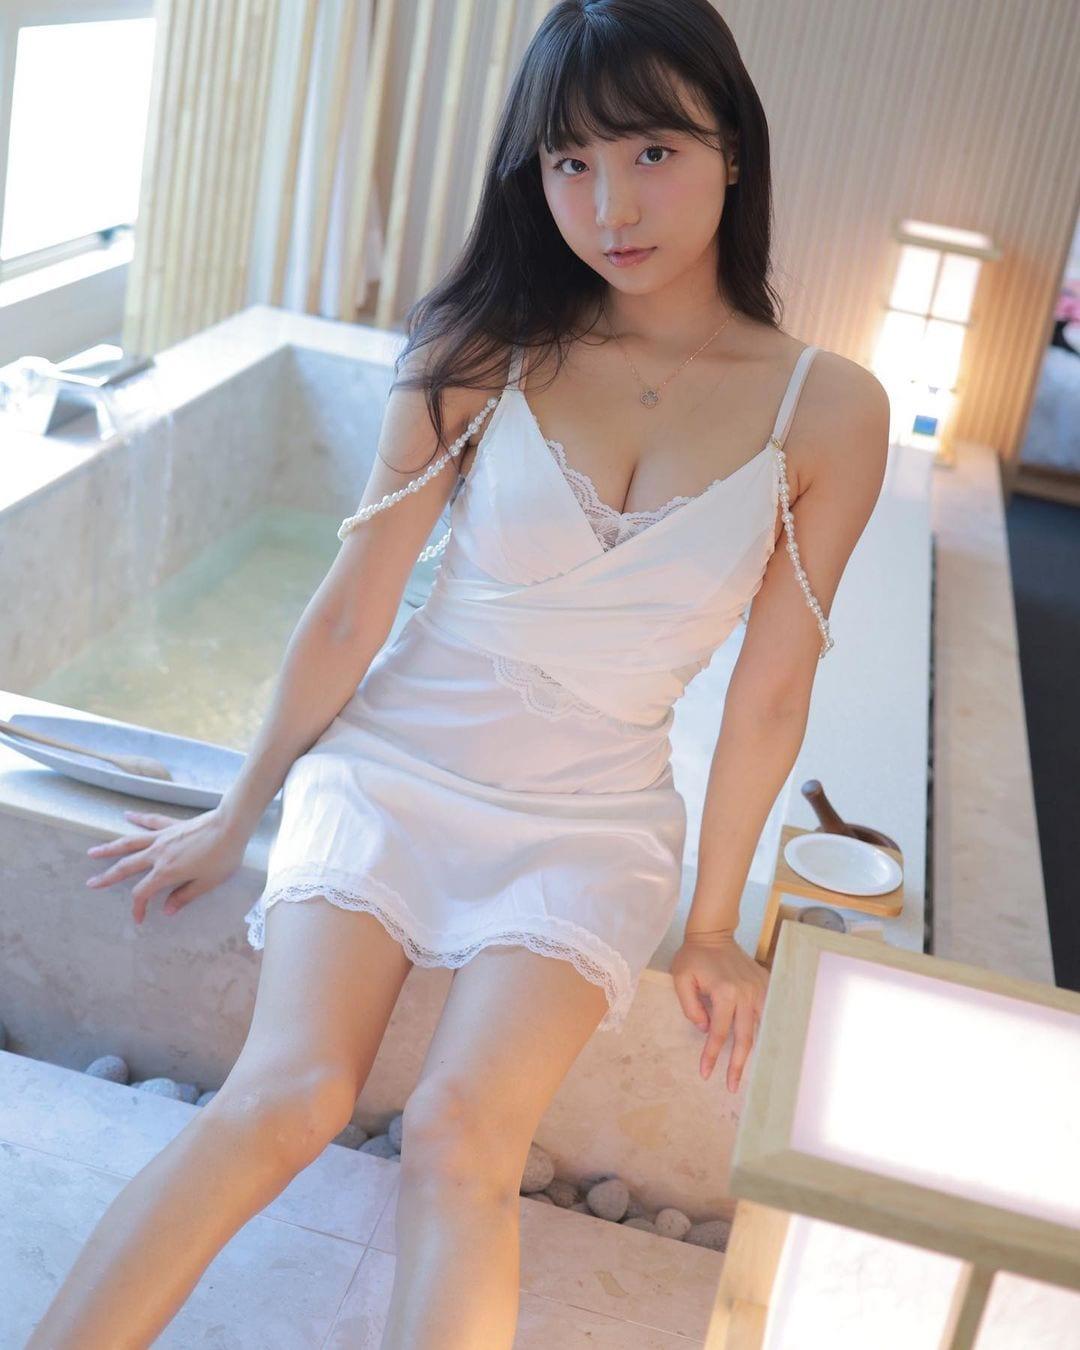 ピョ・ウンジ「シュミーズ姿にドキっ」ホテルとのタイアップでセクシーにお部屋紹介【画像6枚】の画像004